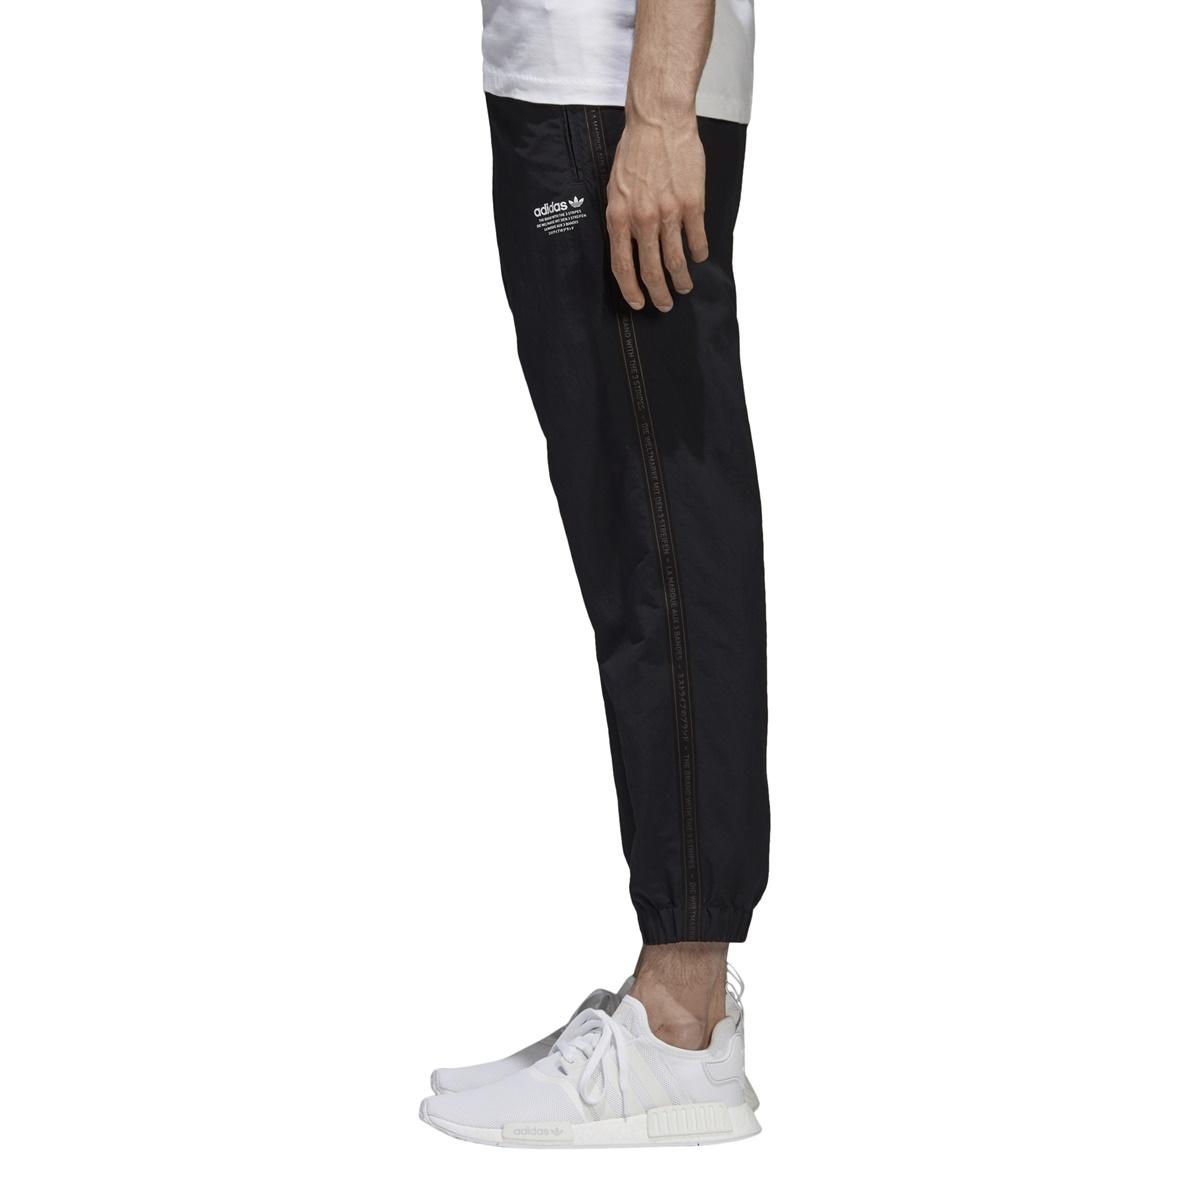 super popular c70aa 02a19 Adidas Originals NMD Track Pants Black